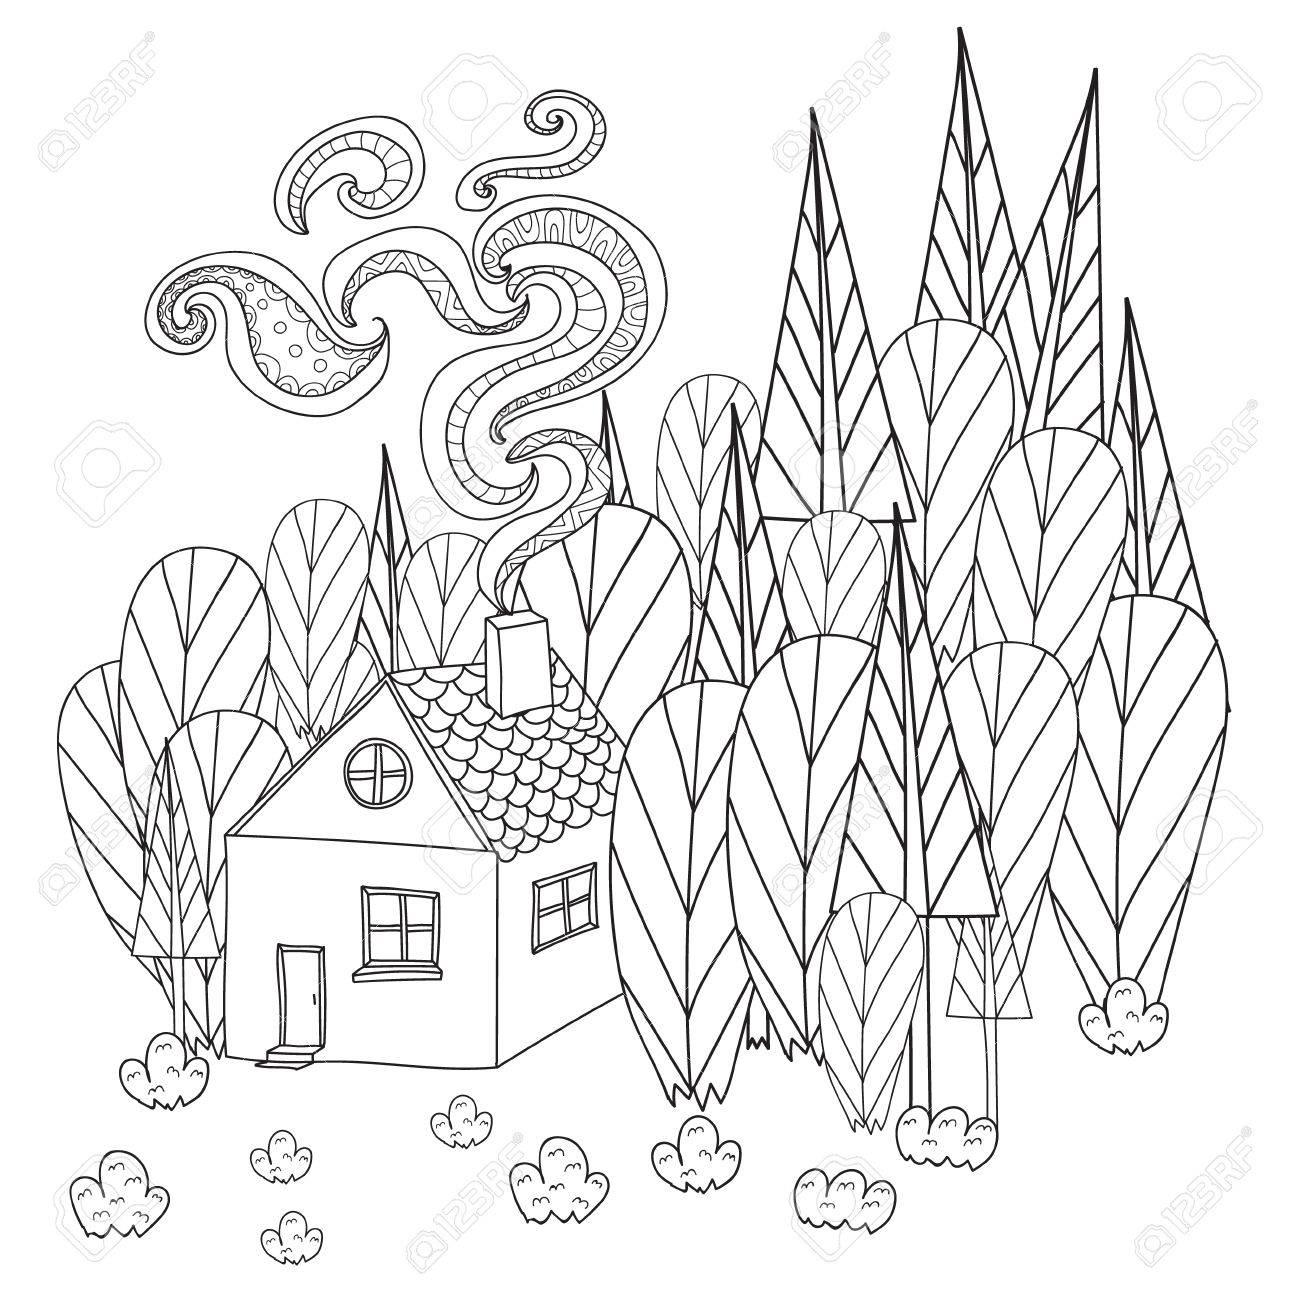 Coloriage Maison Dans La Foret.Pages A Colorier Pour Adultes Et Enfants Livre De Coloriage Maison De Dessin Anime Dans La Foret Modele Dans Le Style De Doodle